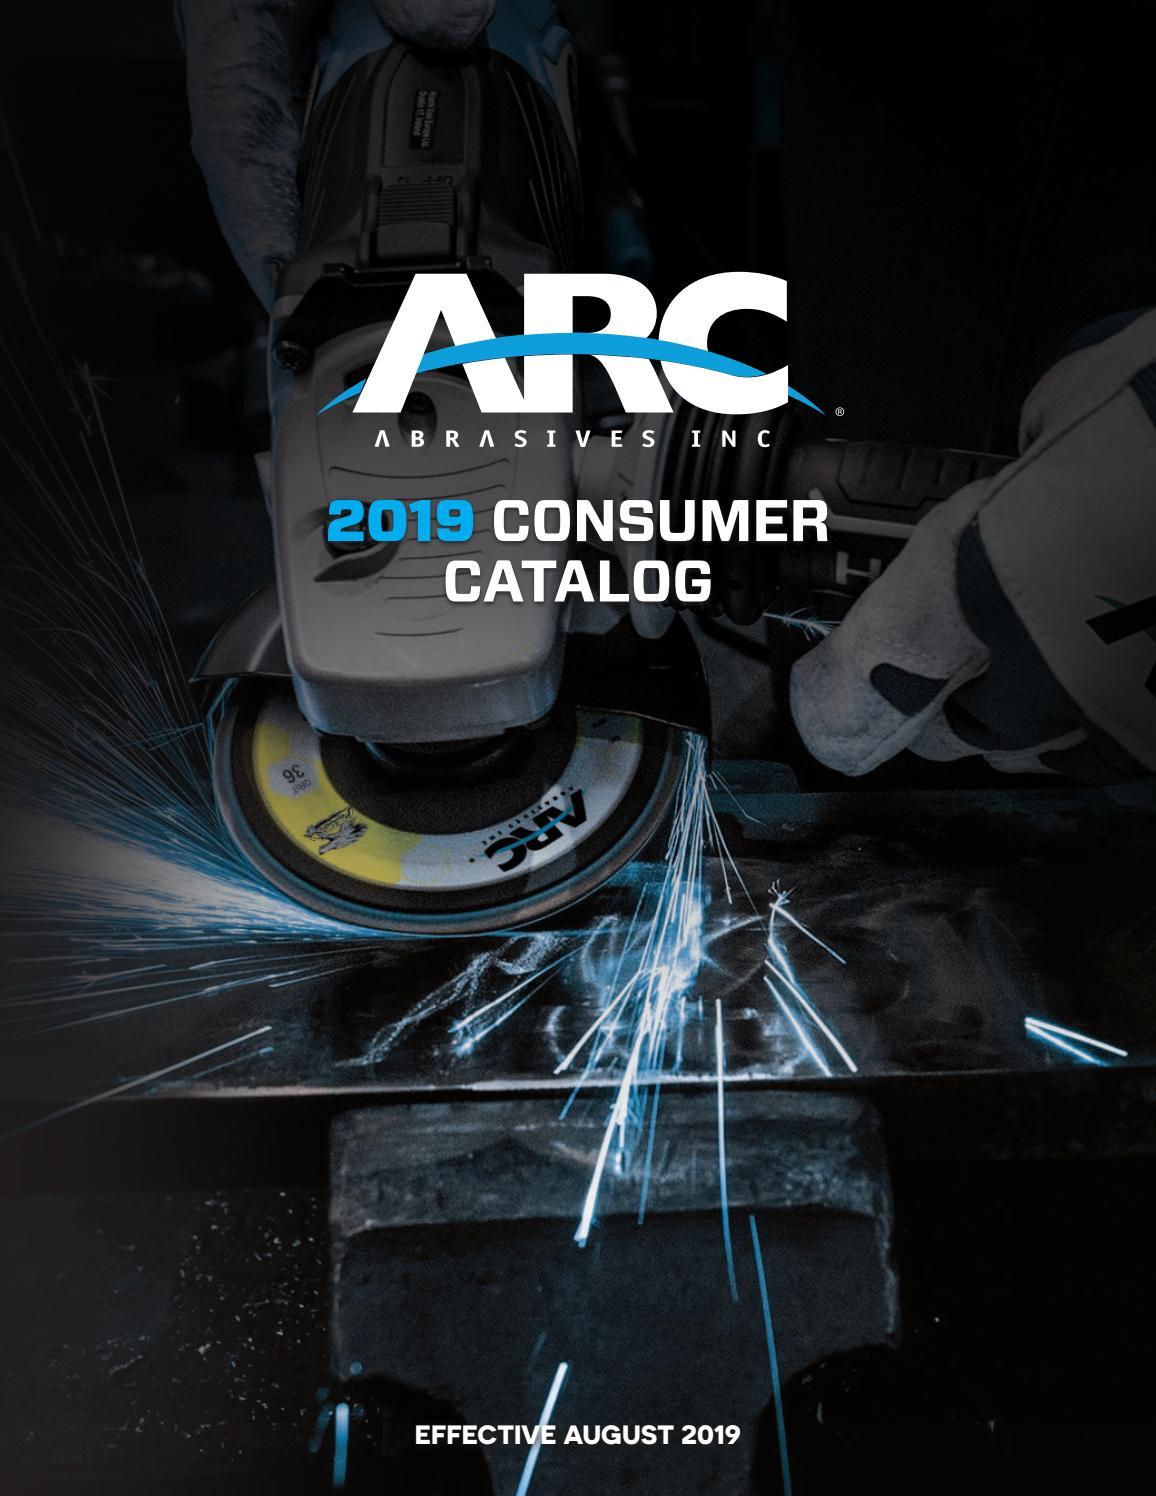 Aluminum Oxide 1//8 Arbor Roll 1//2 Diameter x 1 Length Grit 240 Merit Abrasive Cartridge Roll Pack of 100